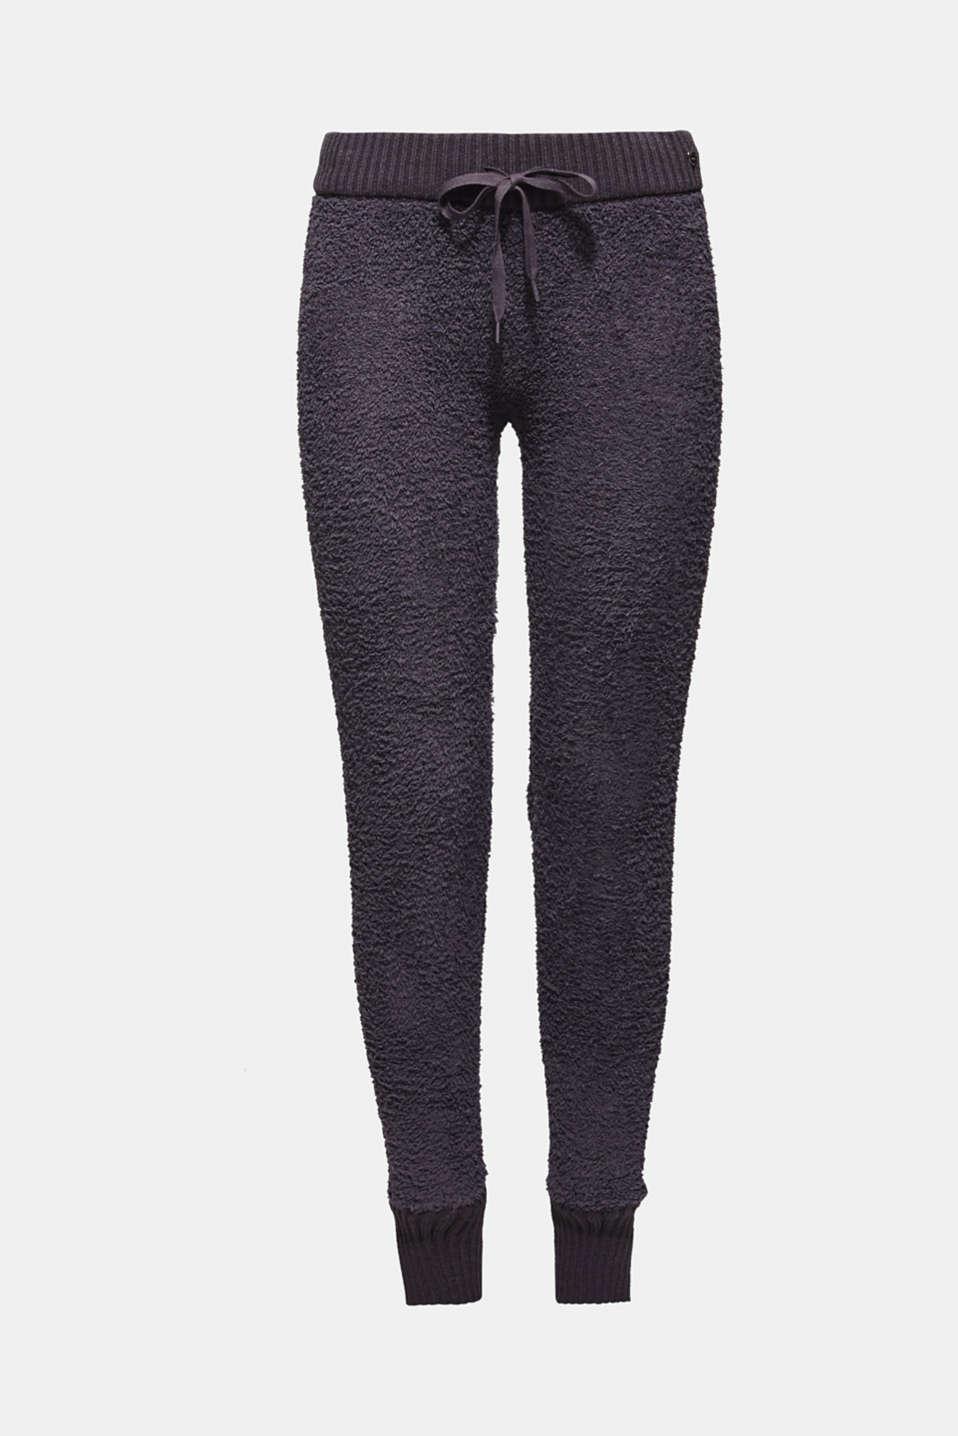 Nightpants, DARK GREY, detail image number 3